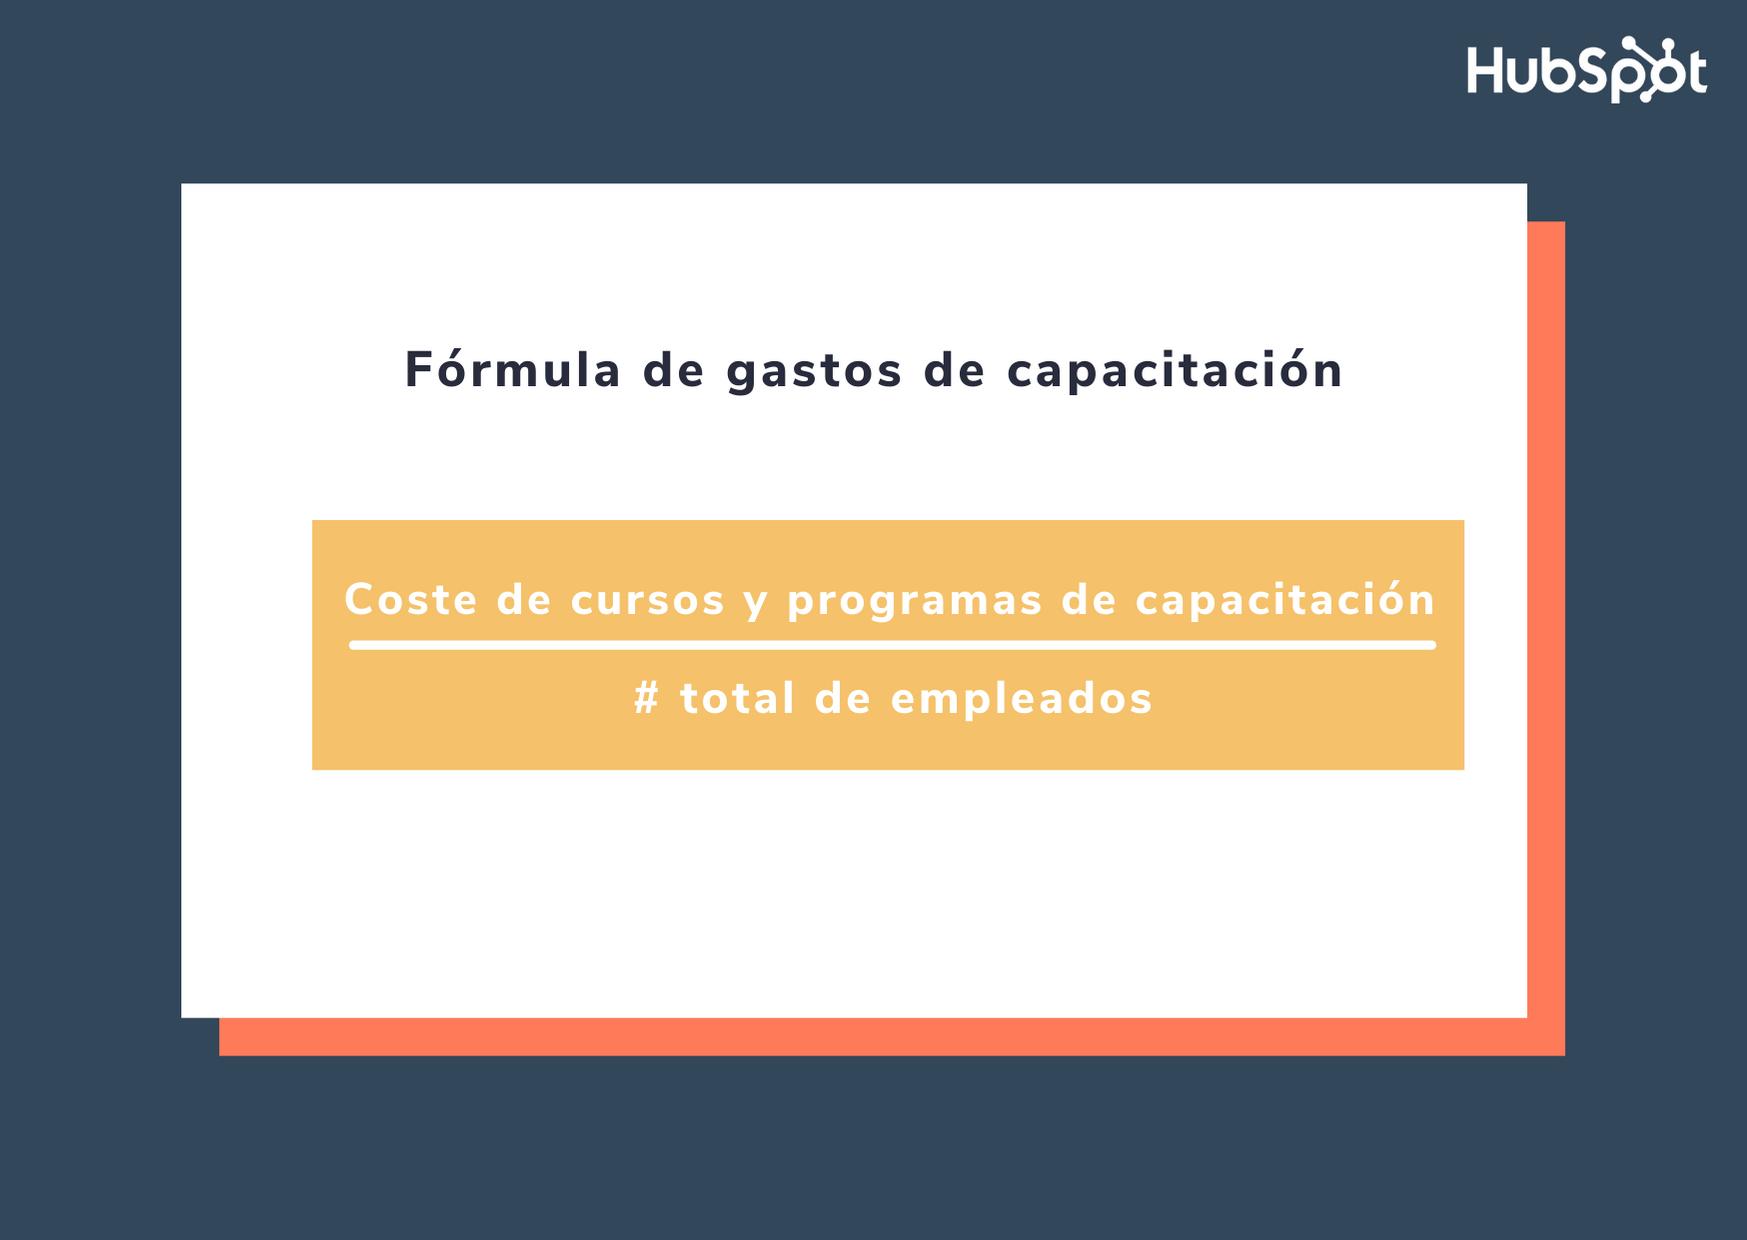 Fórmula para obtener los gastos de capacitación